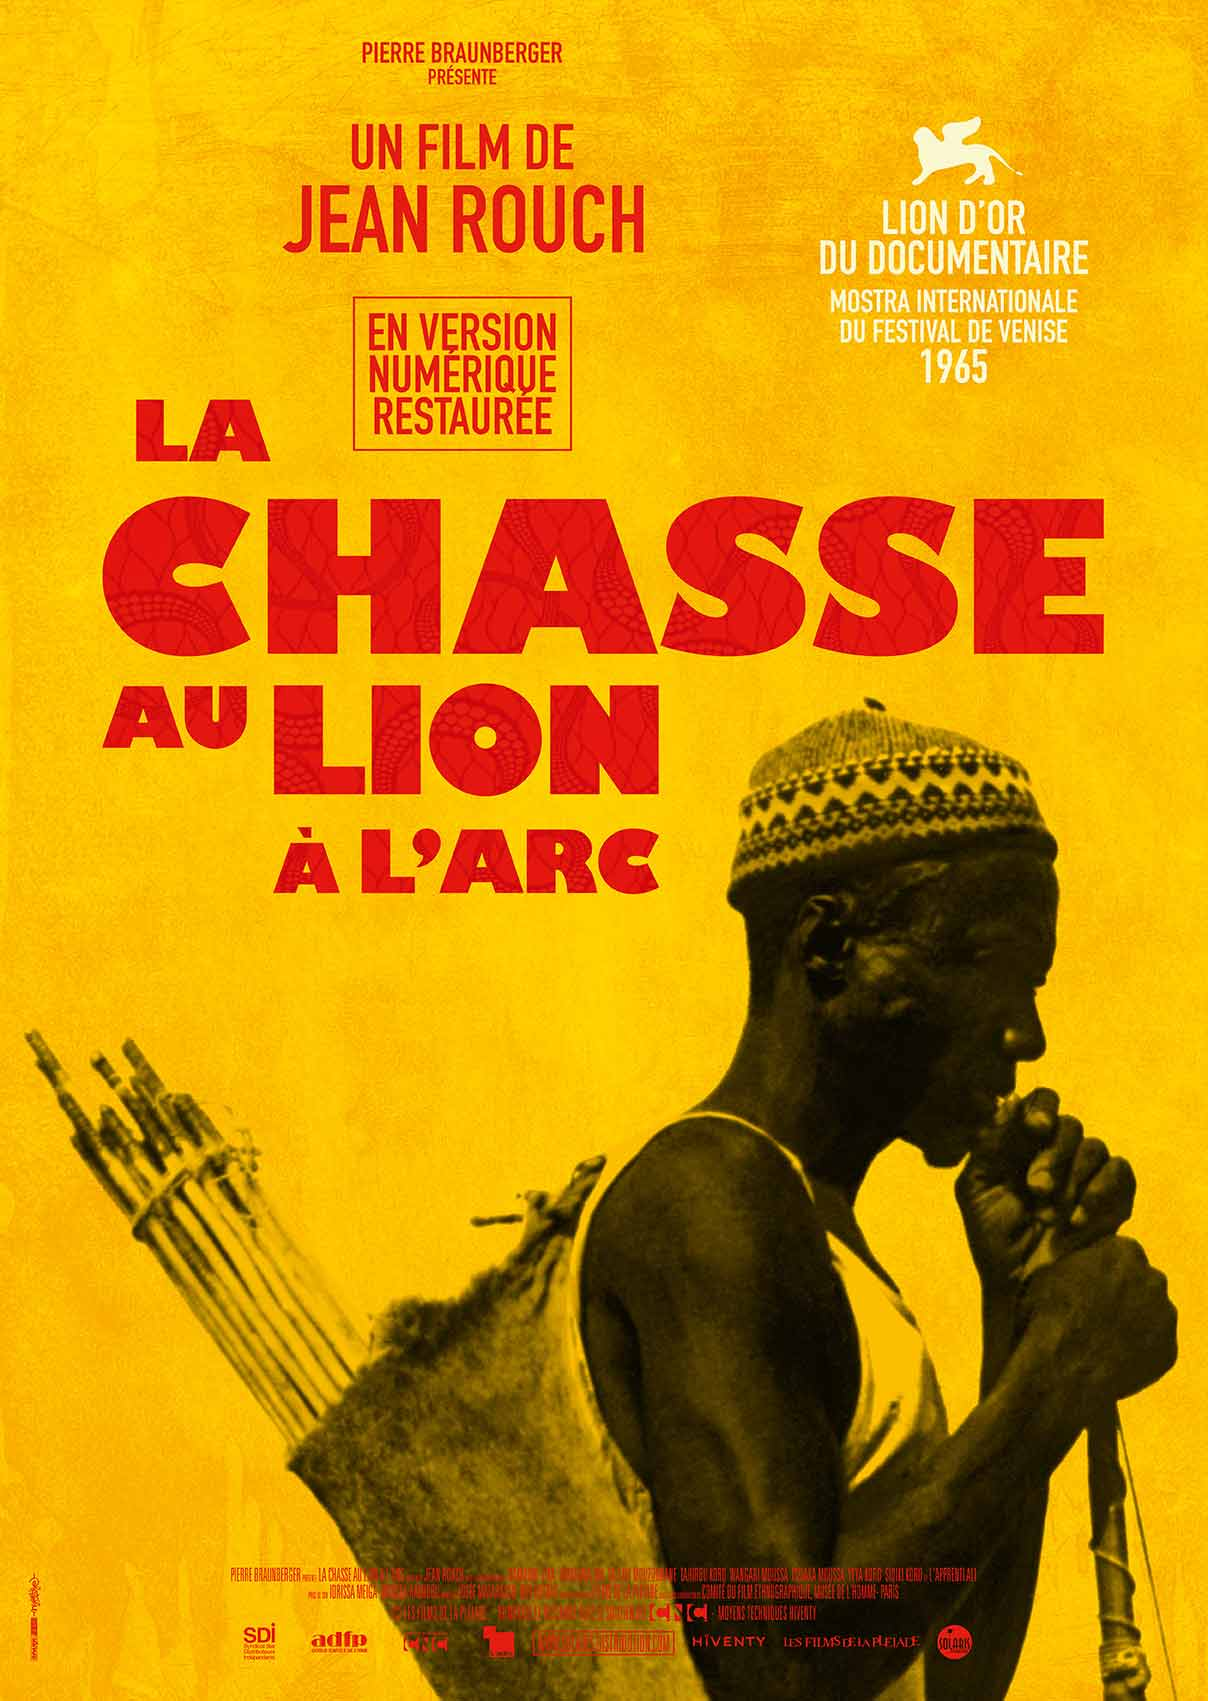 LA CHASSE AU LION A L'ARC - Affiche